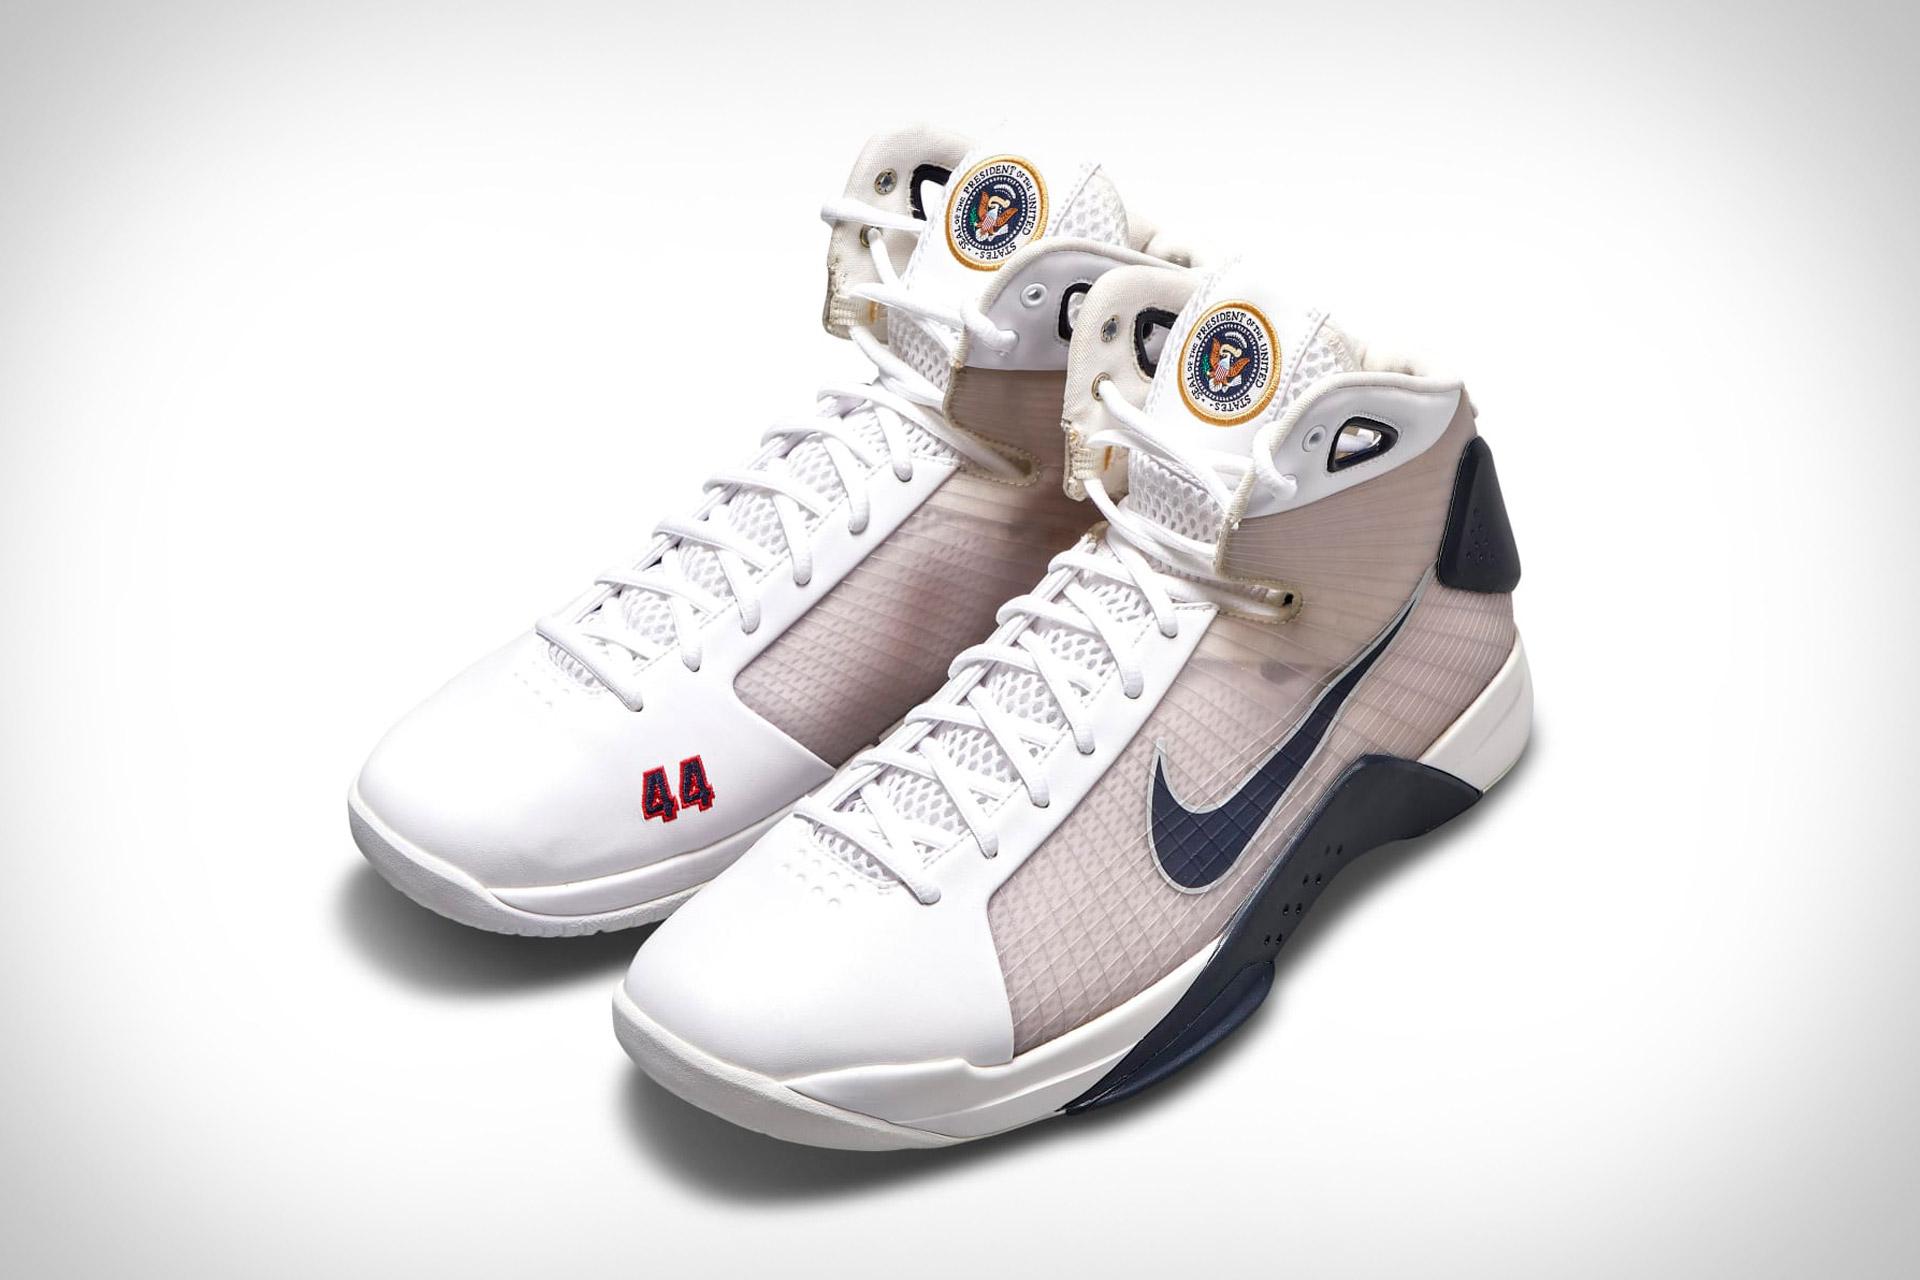 Rare sneakers